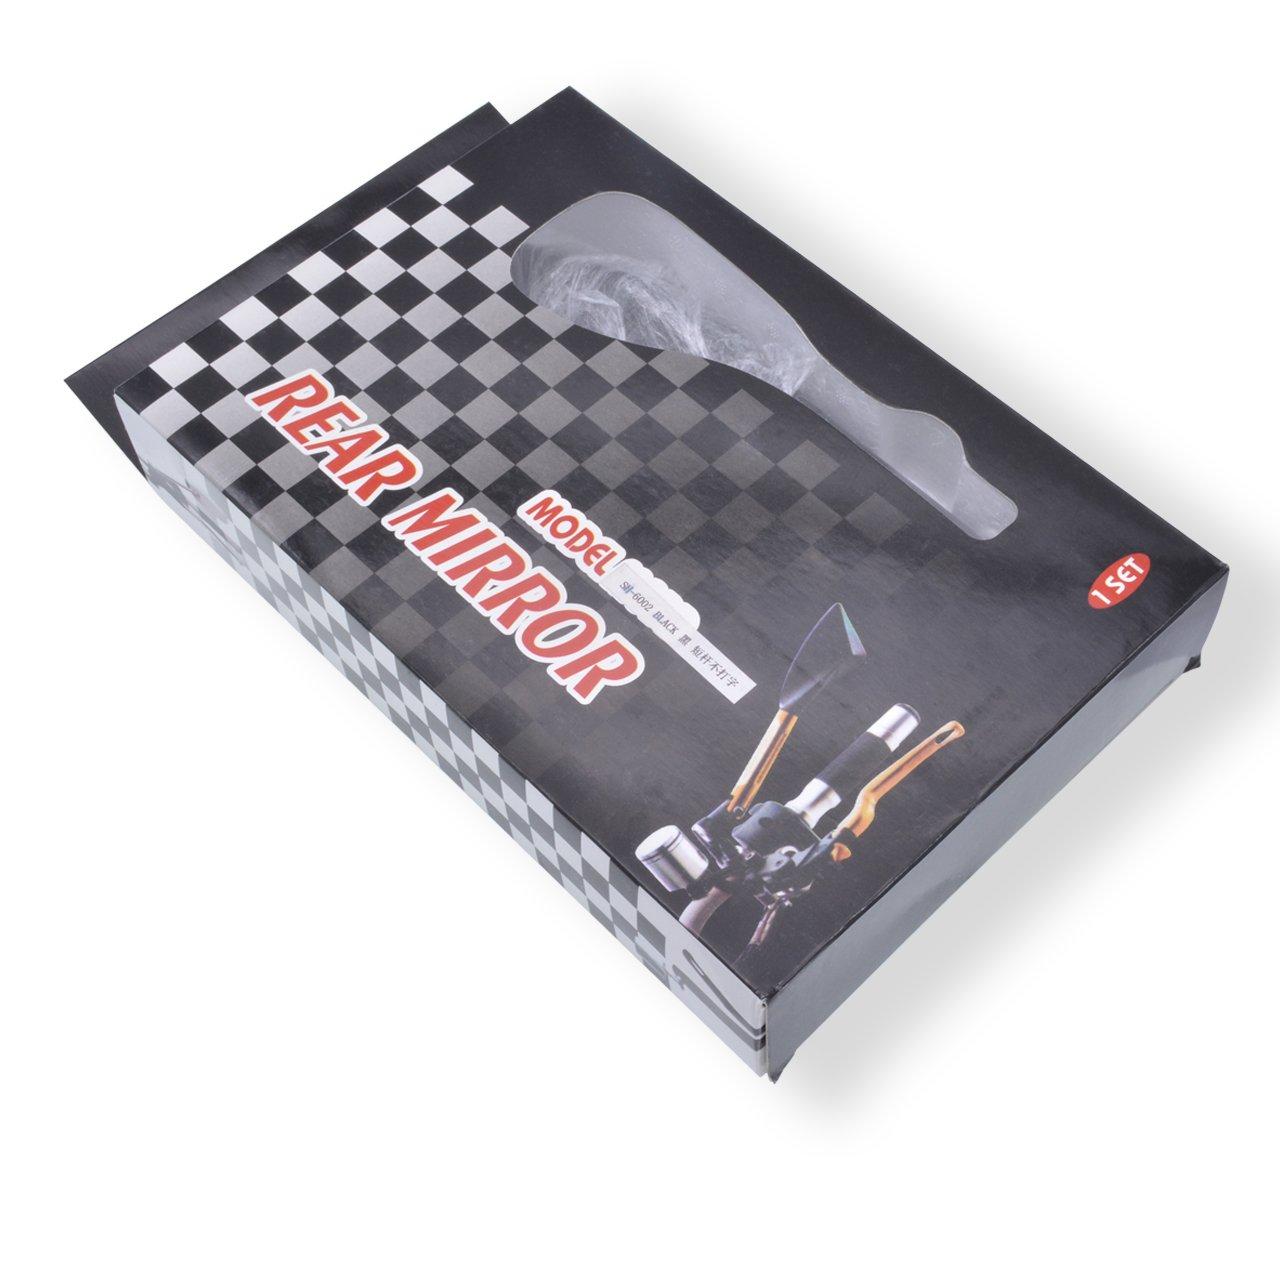 KATUR Specchi retrovisori Manubrio Moto Specchietto retrovisore Rosso Moto antiriflesso Specchi bluastri 8MM 10MM Bulloni filettati in Senso orario Supporti per Kawasaki Suzuki Honda Victory Chopper